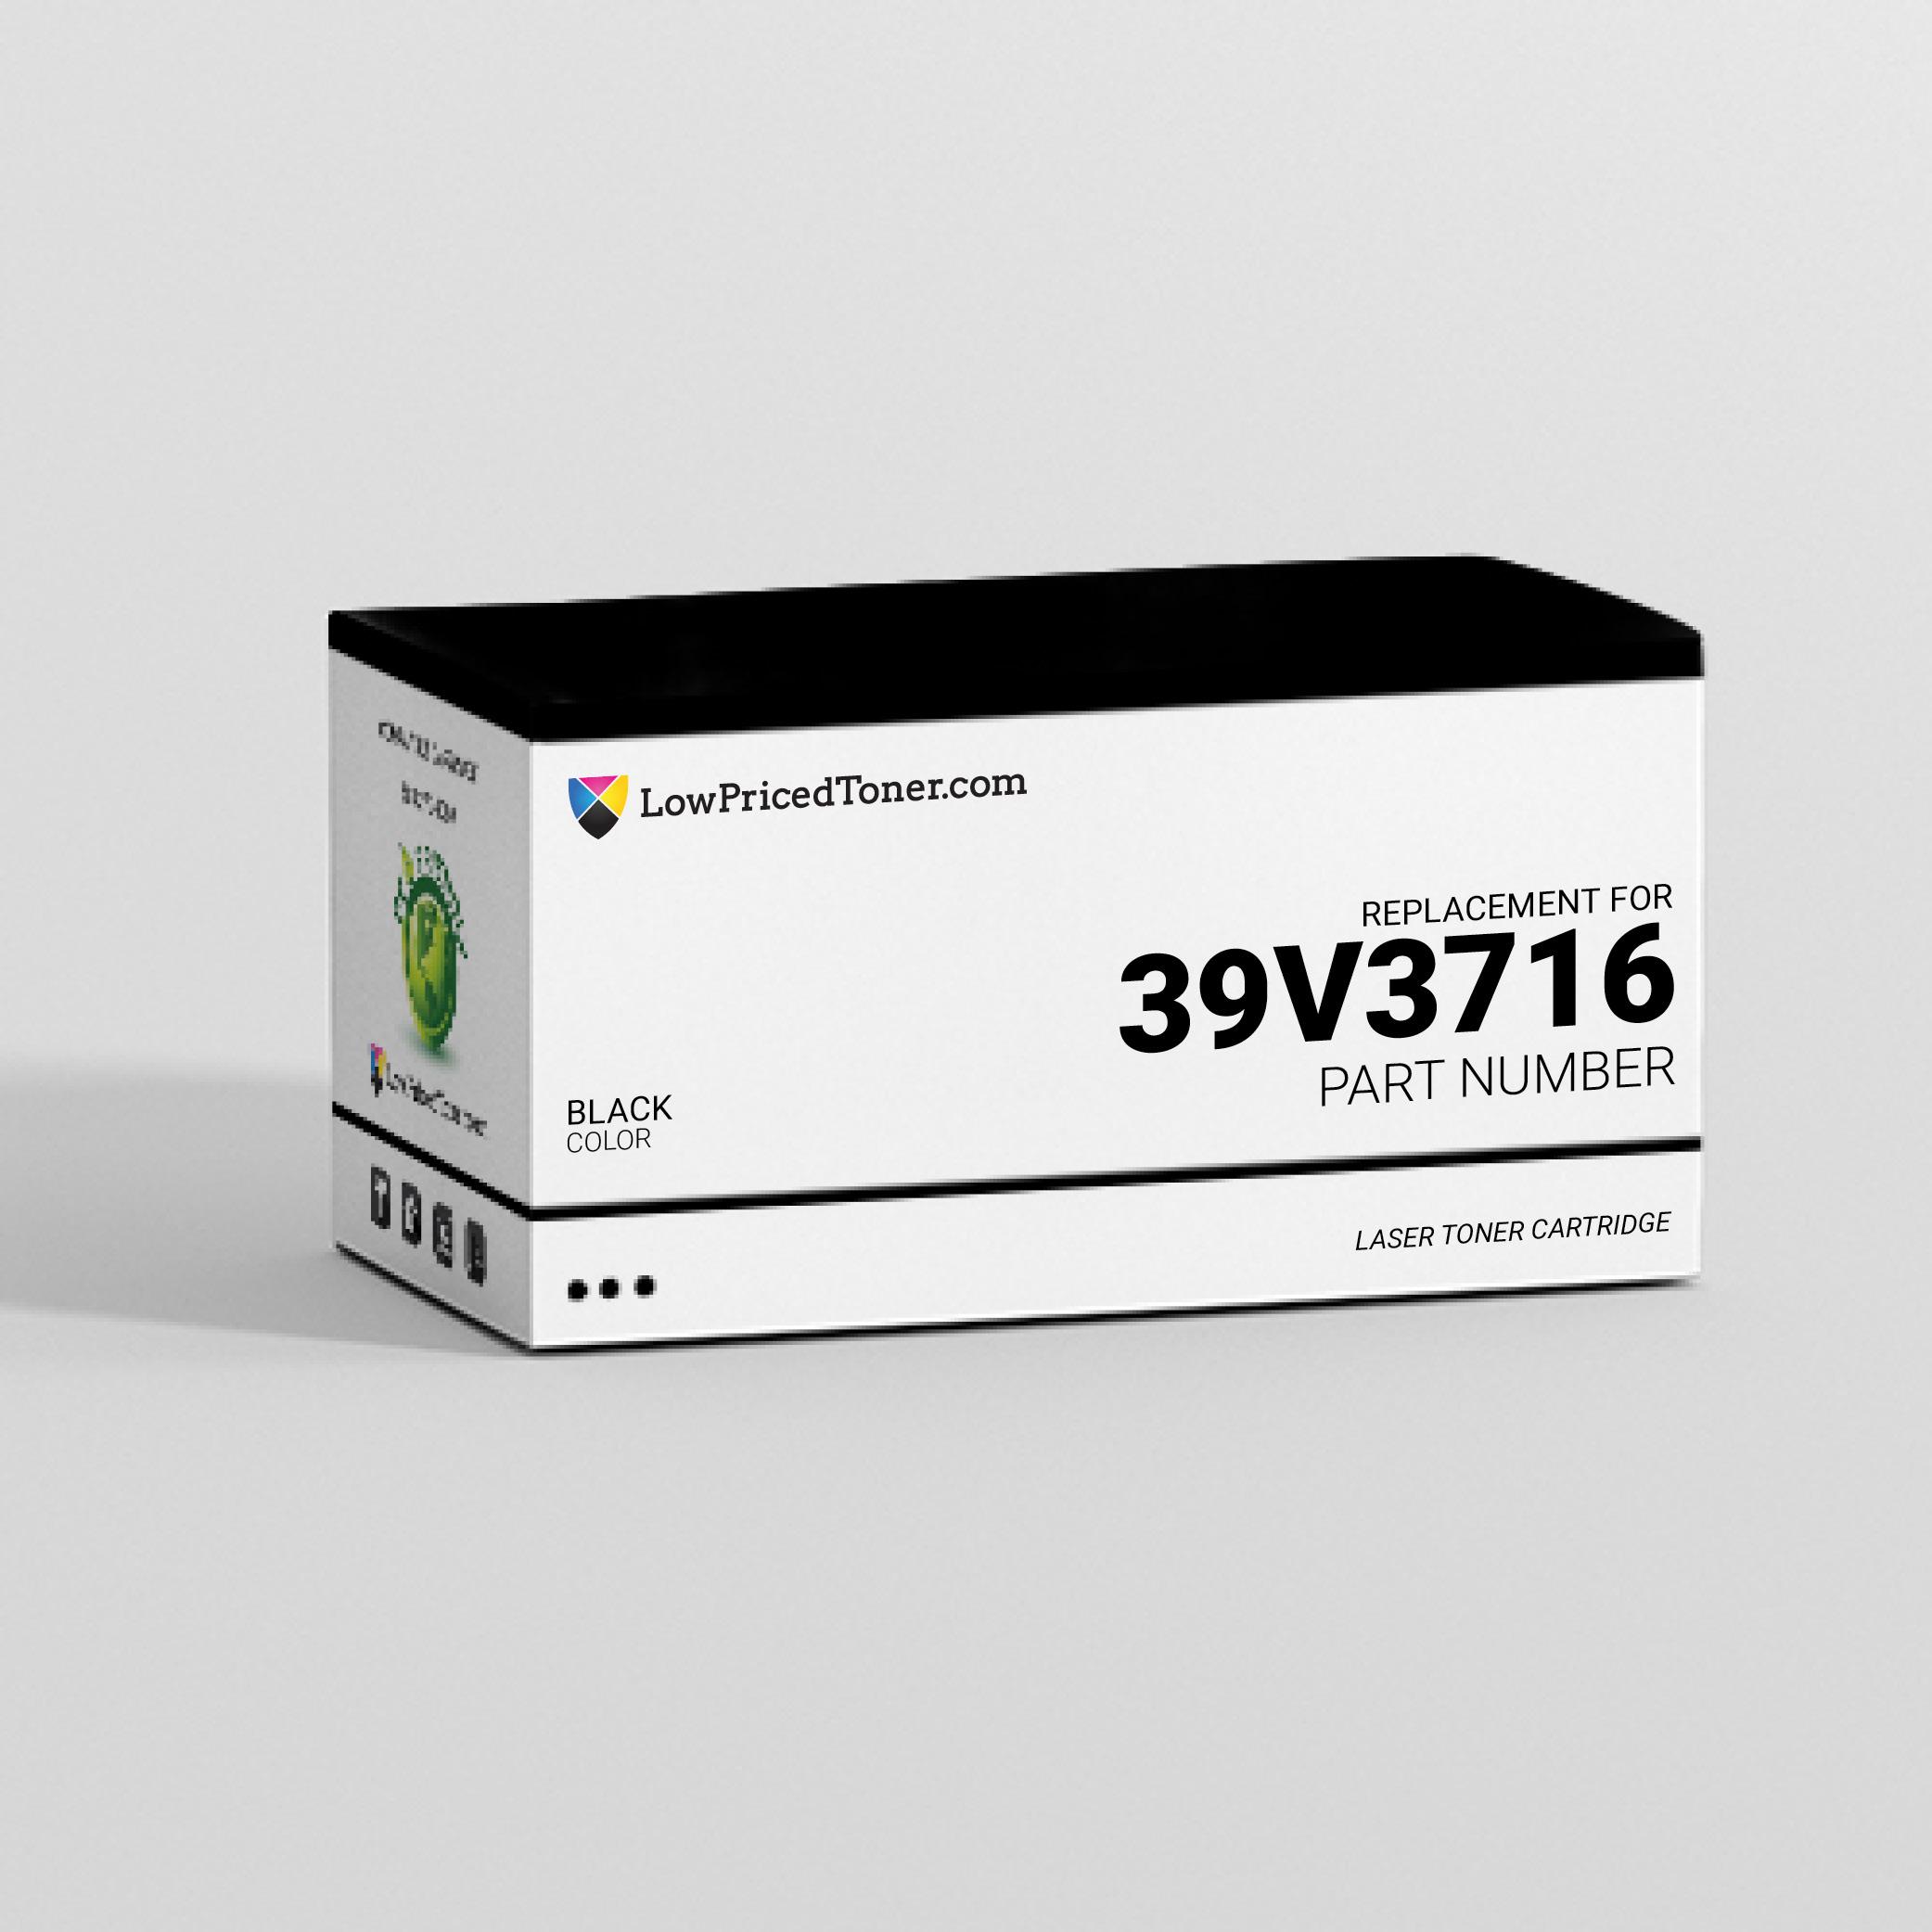 IBM 39V3716 Remanufactured Black Laser Toner Cartridge